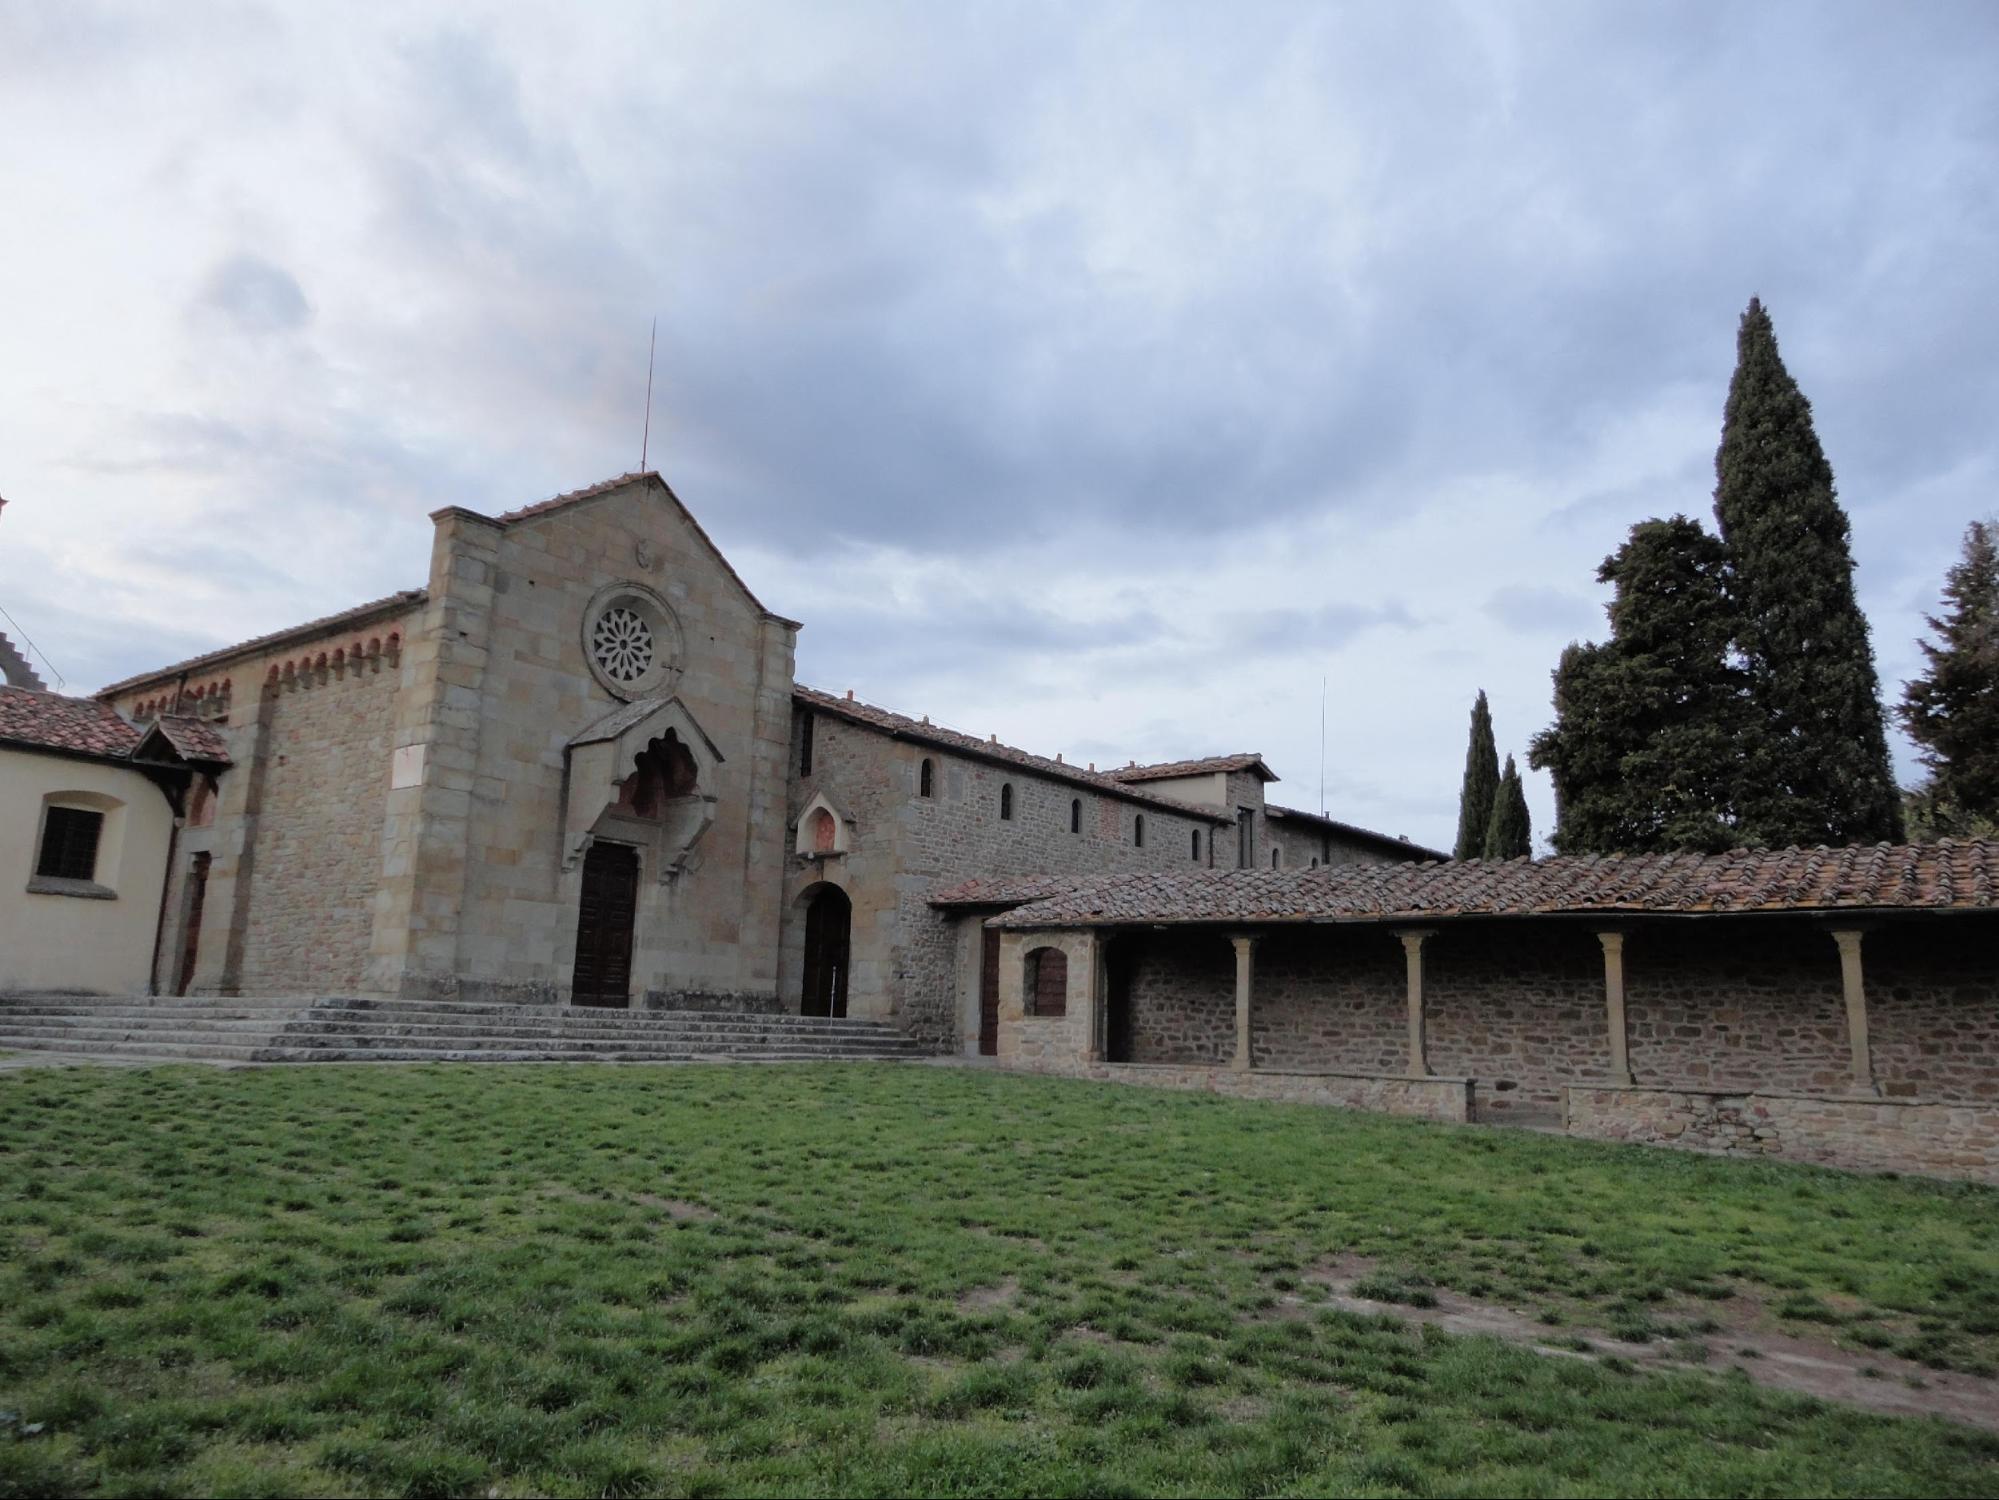 フィエーゾレ/サン・フランチェスコ教会(筆者撮影)